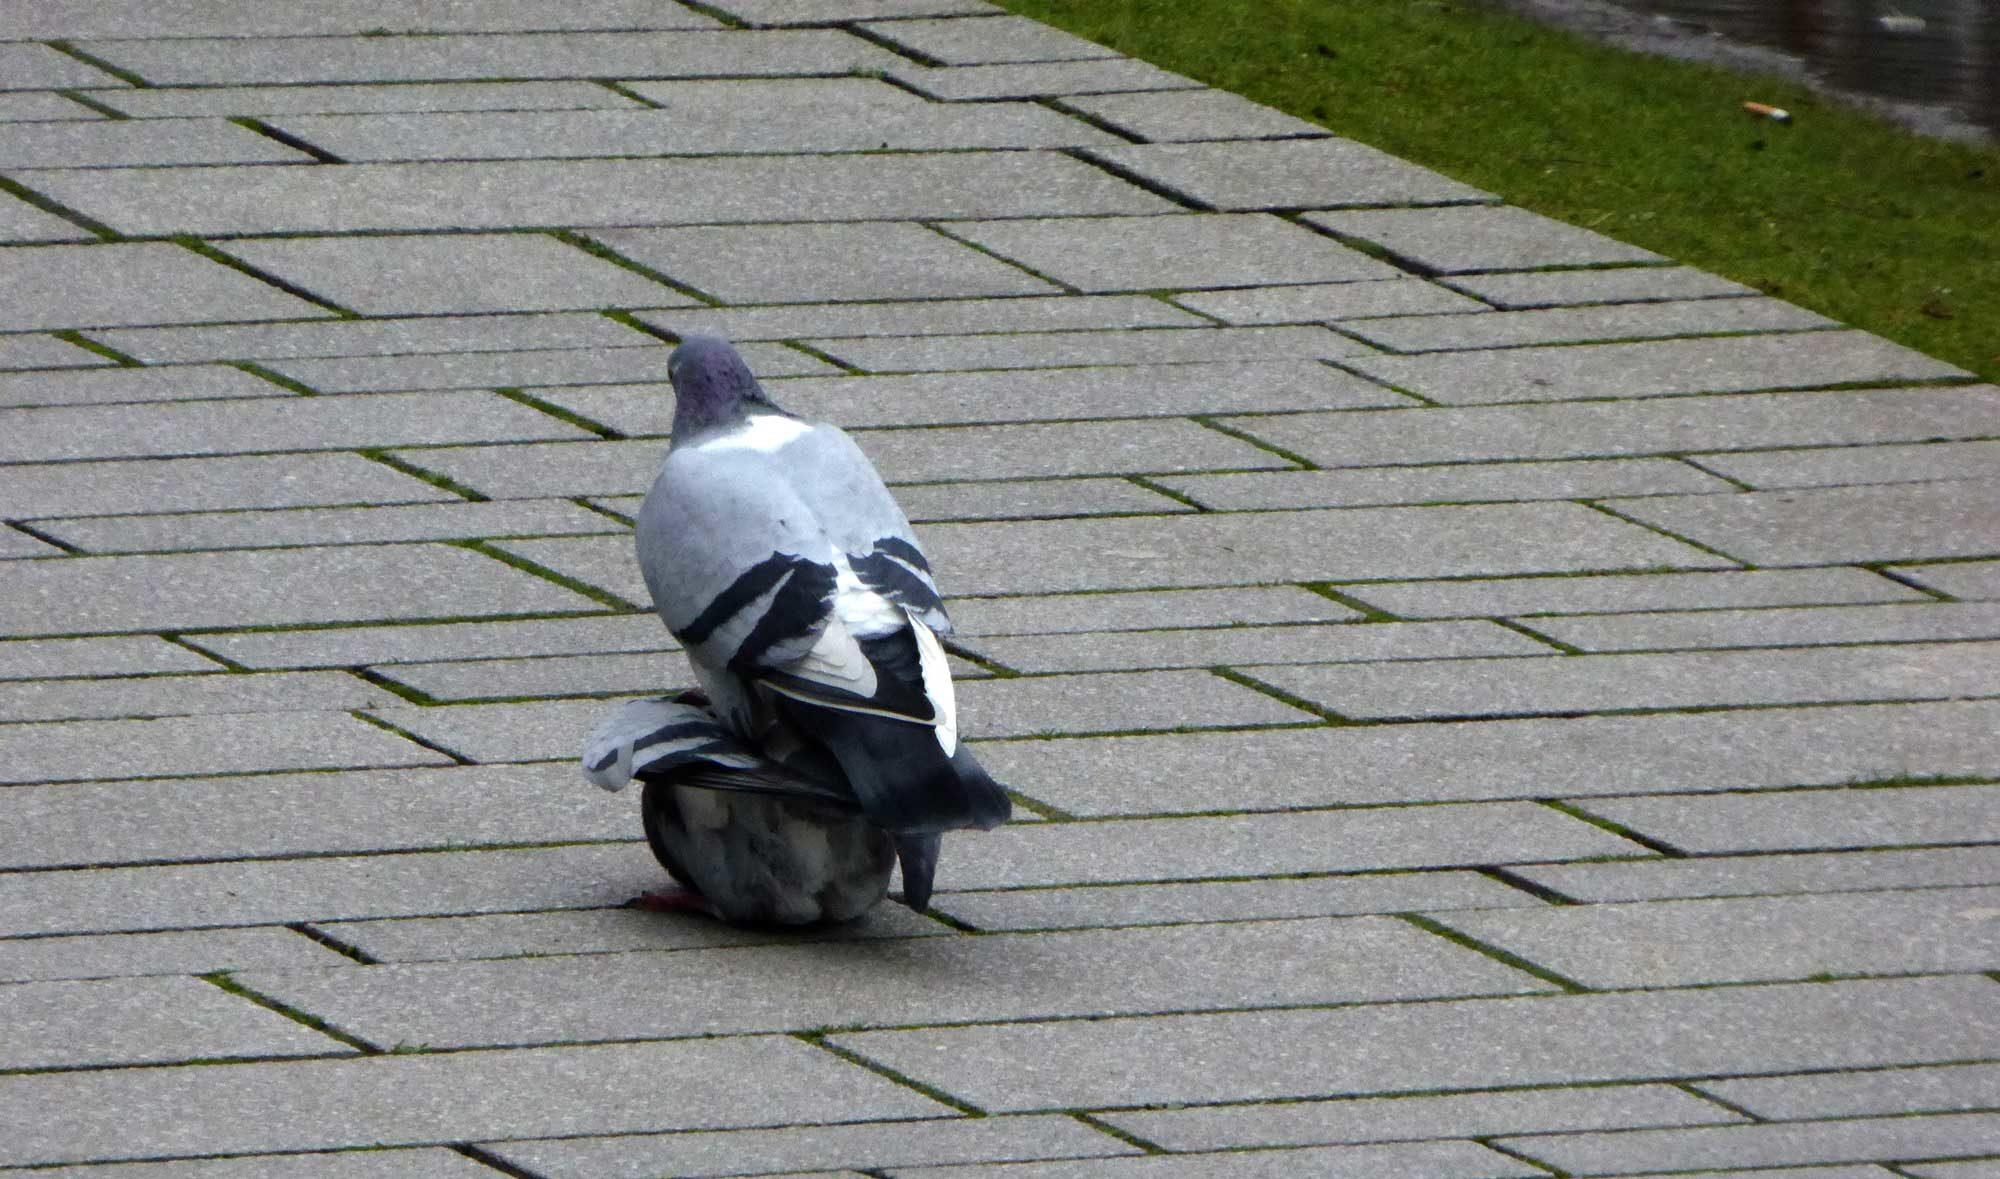 Taubensex auf dem Gehweg